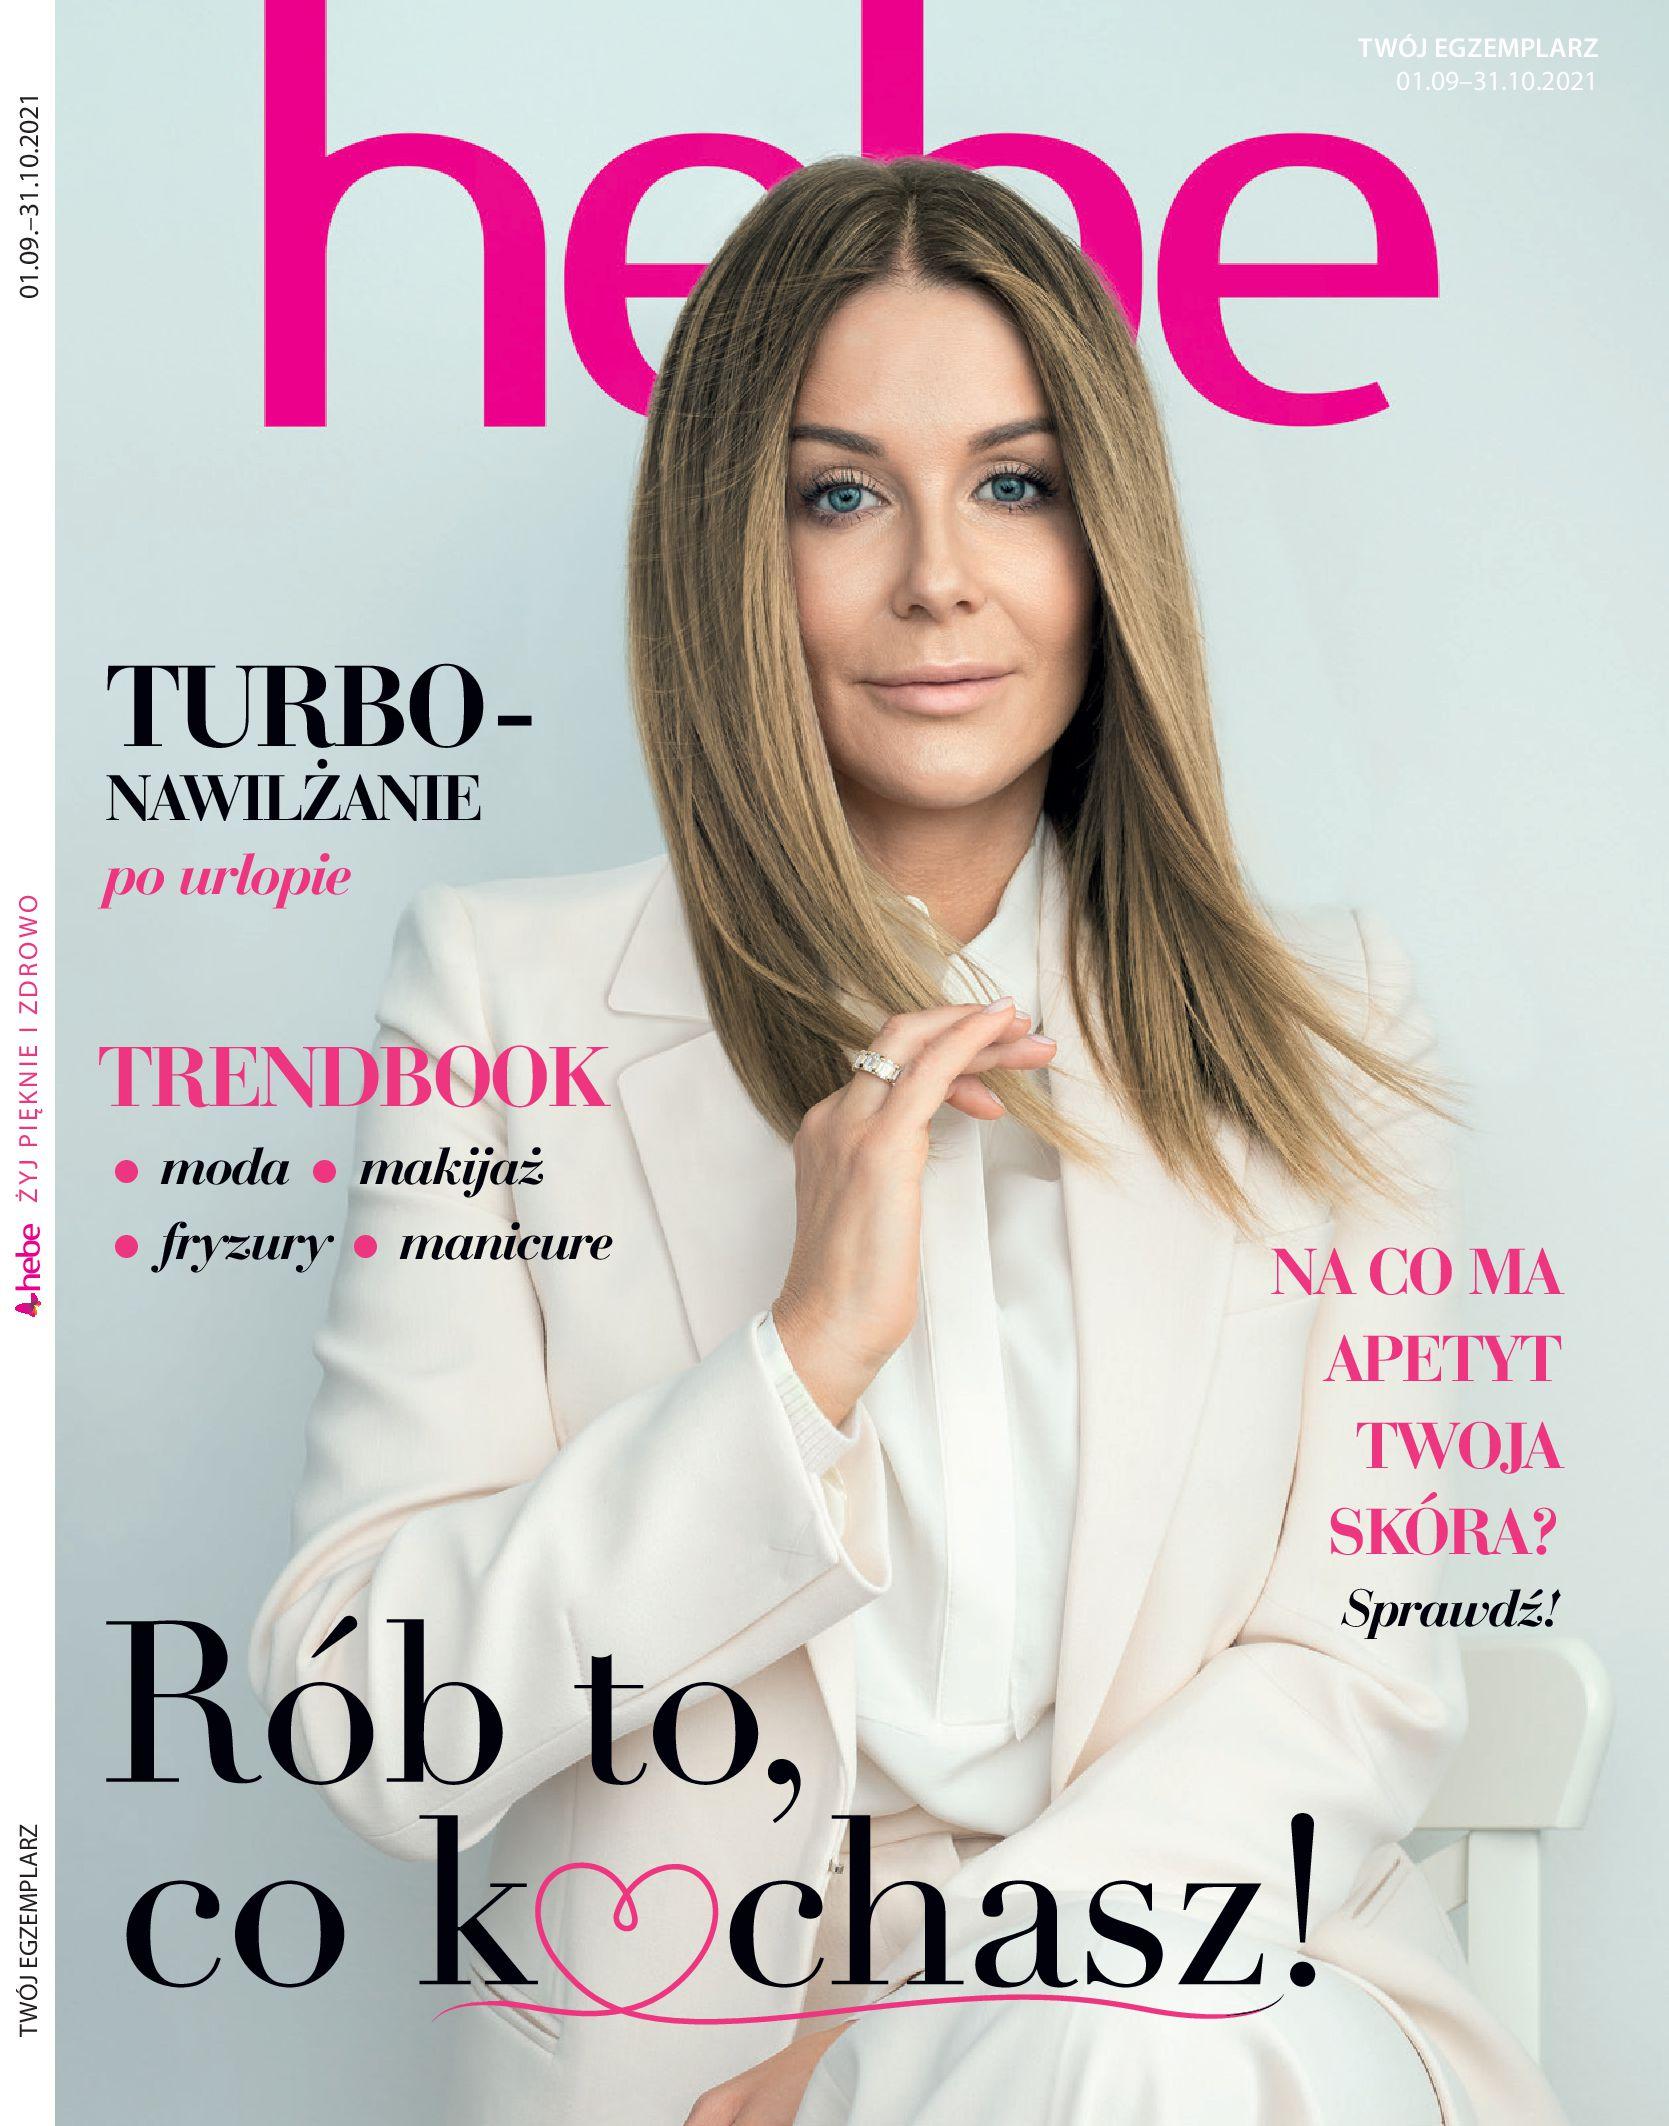 Gazetka hebe: Magazyn hebe - TURBO nawilżanie po urlopie 2021-09-01 page-1